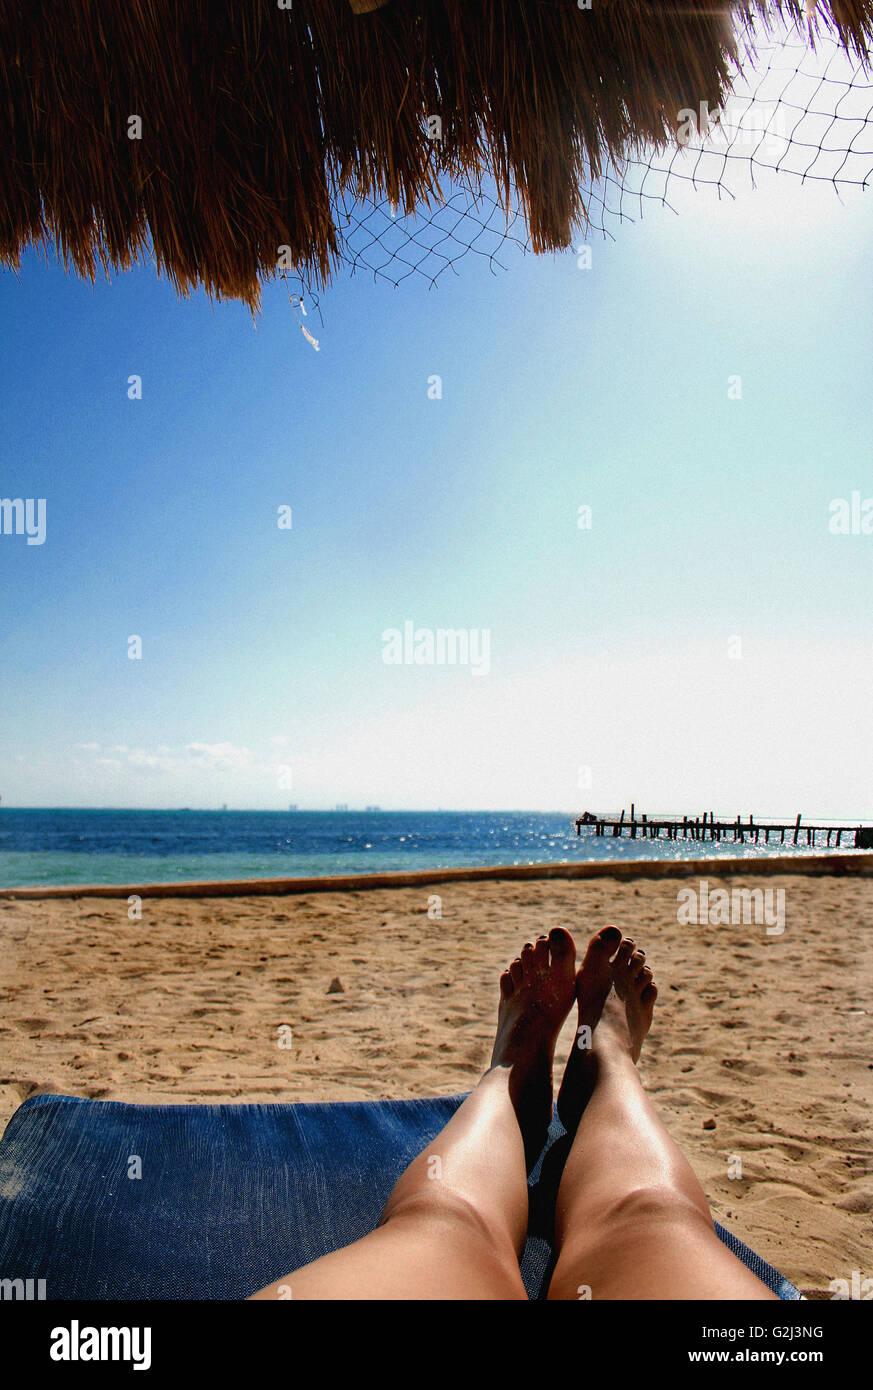 frau die beine und f e auf liegestuhl am strand mexiko stockfoto bild 104889612 alamy. Black Bedroom Furniture Sets. Home Design Ideas